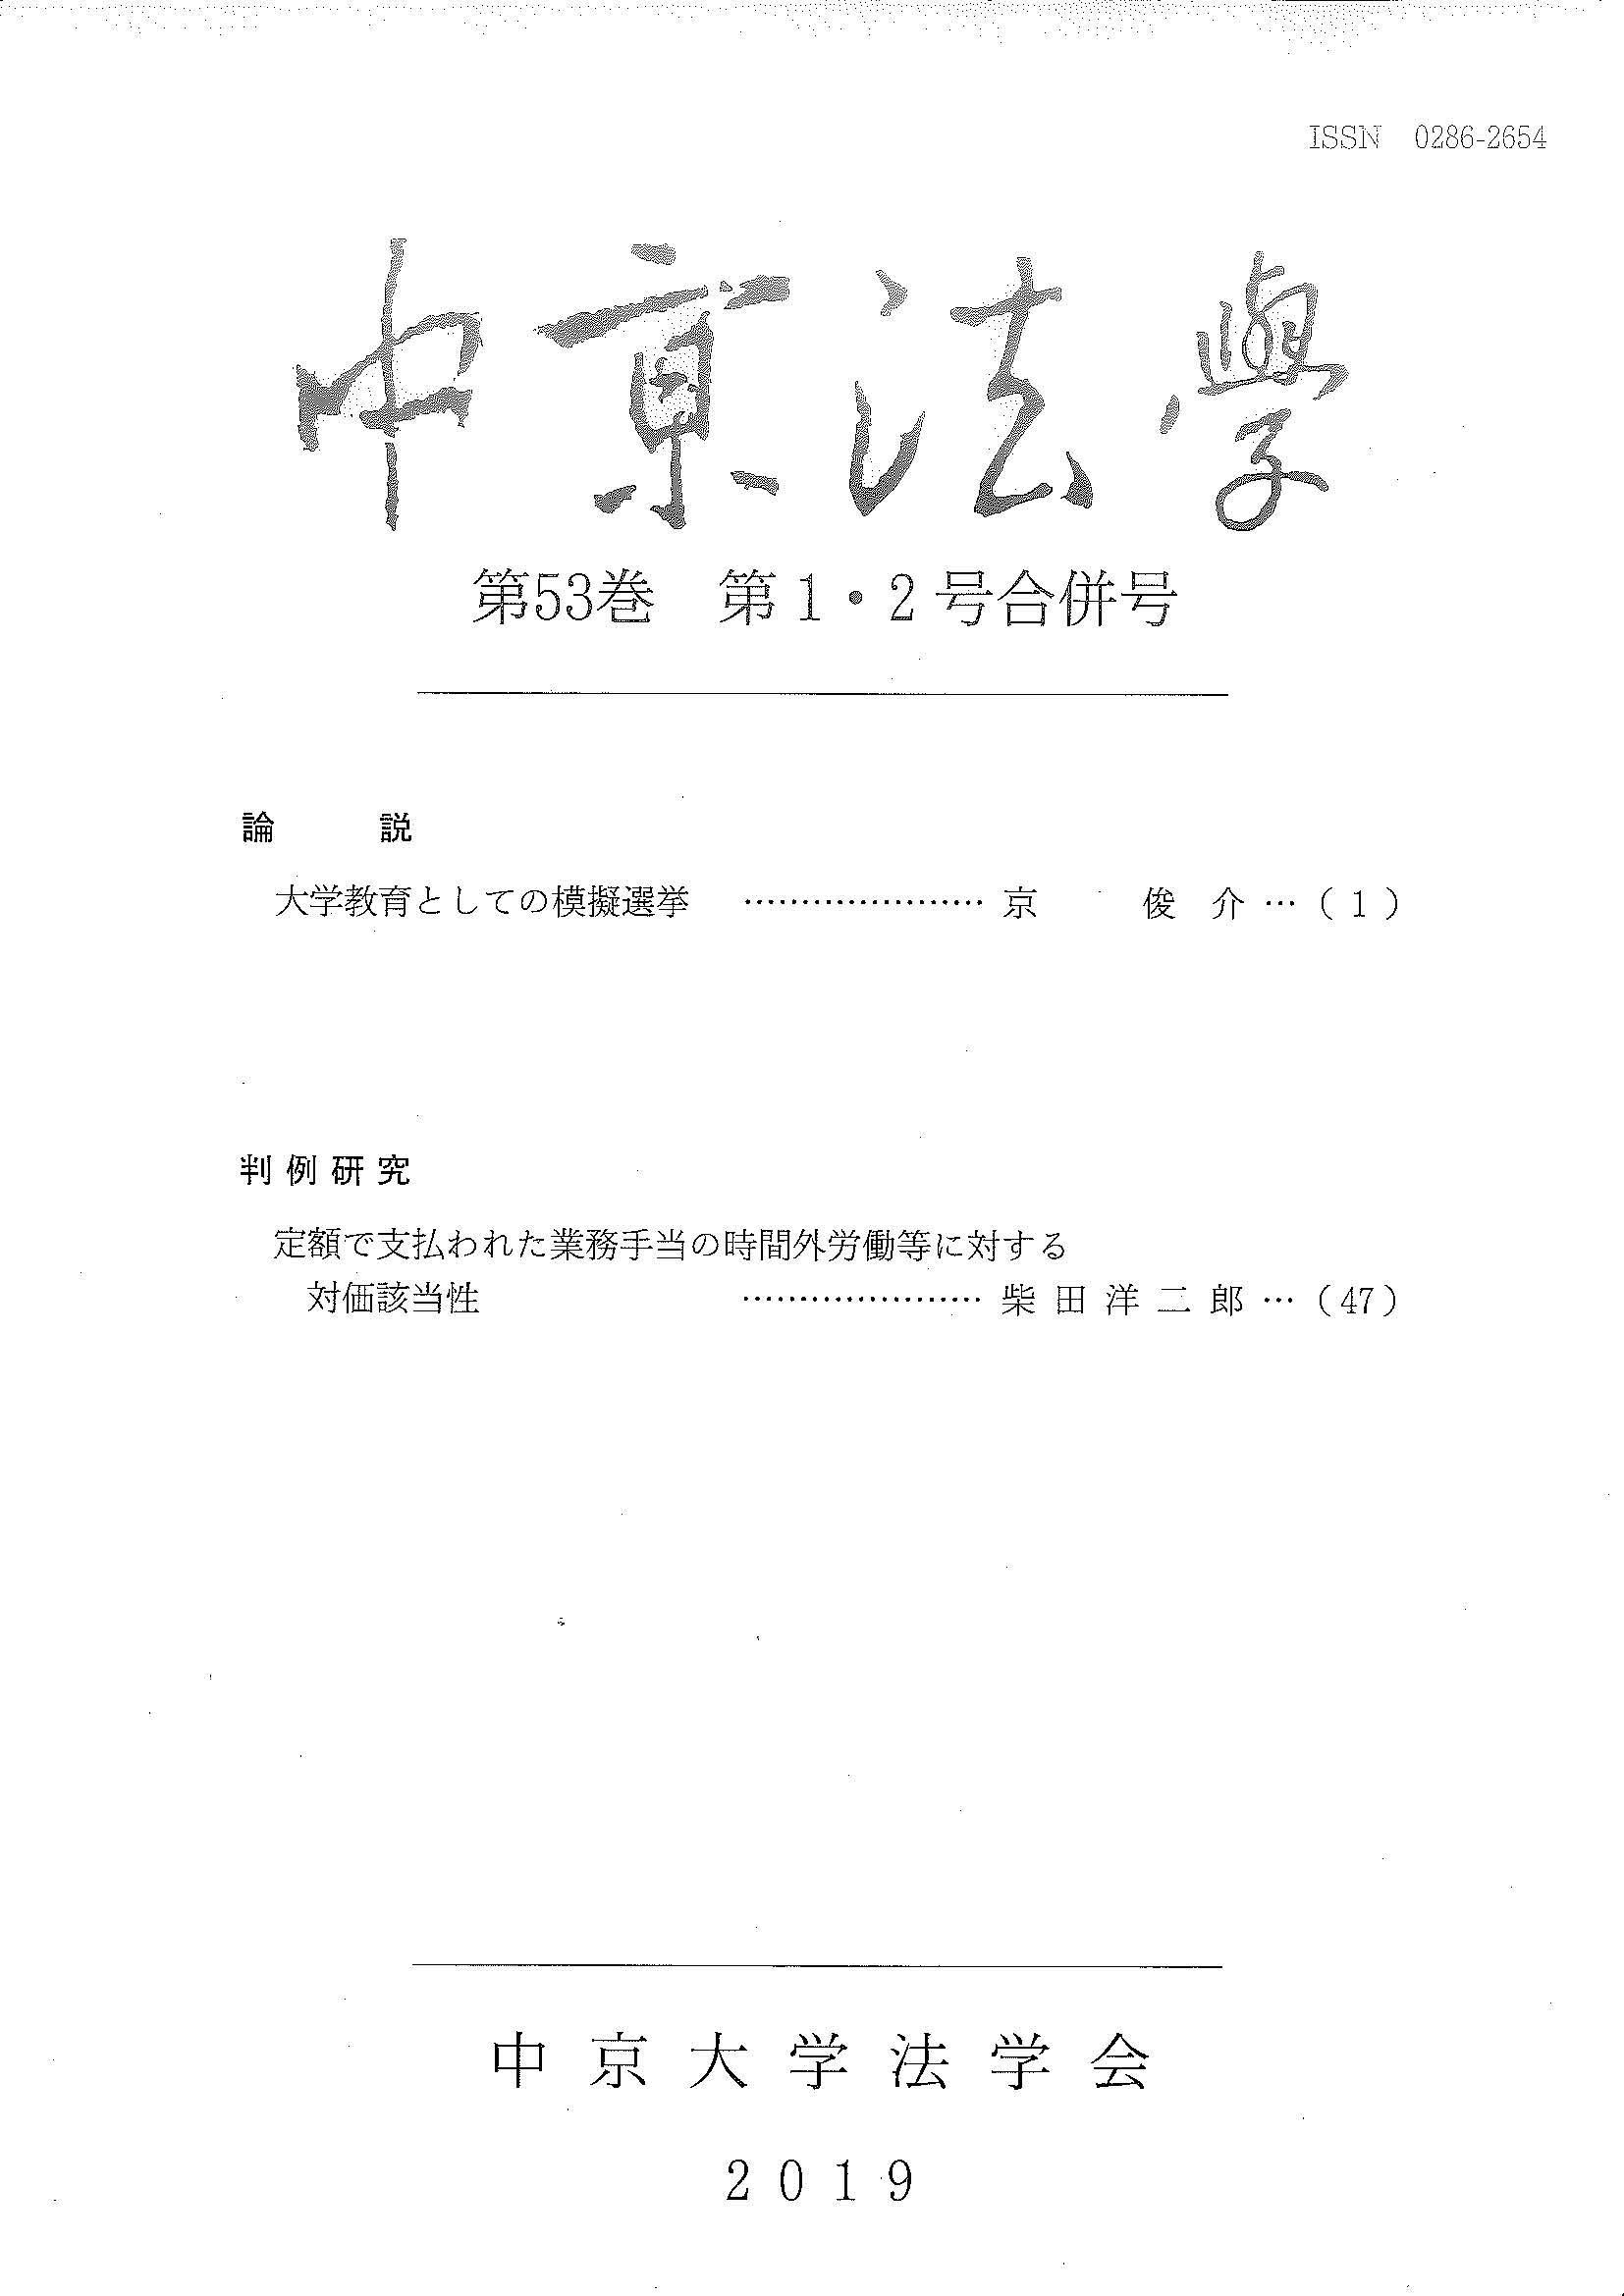 中京法学 第53巻 第1・2号合併号